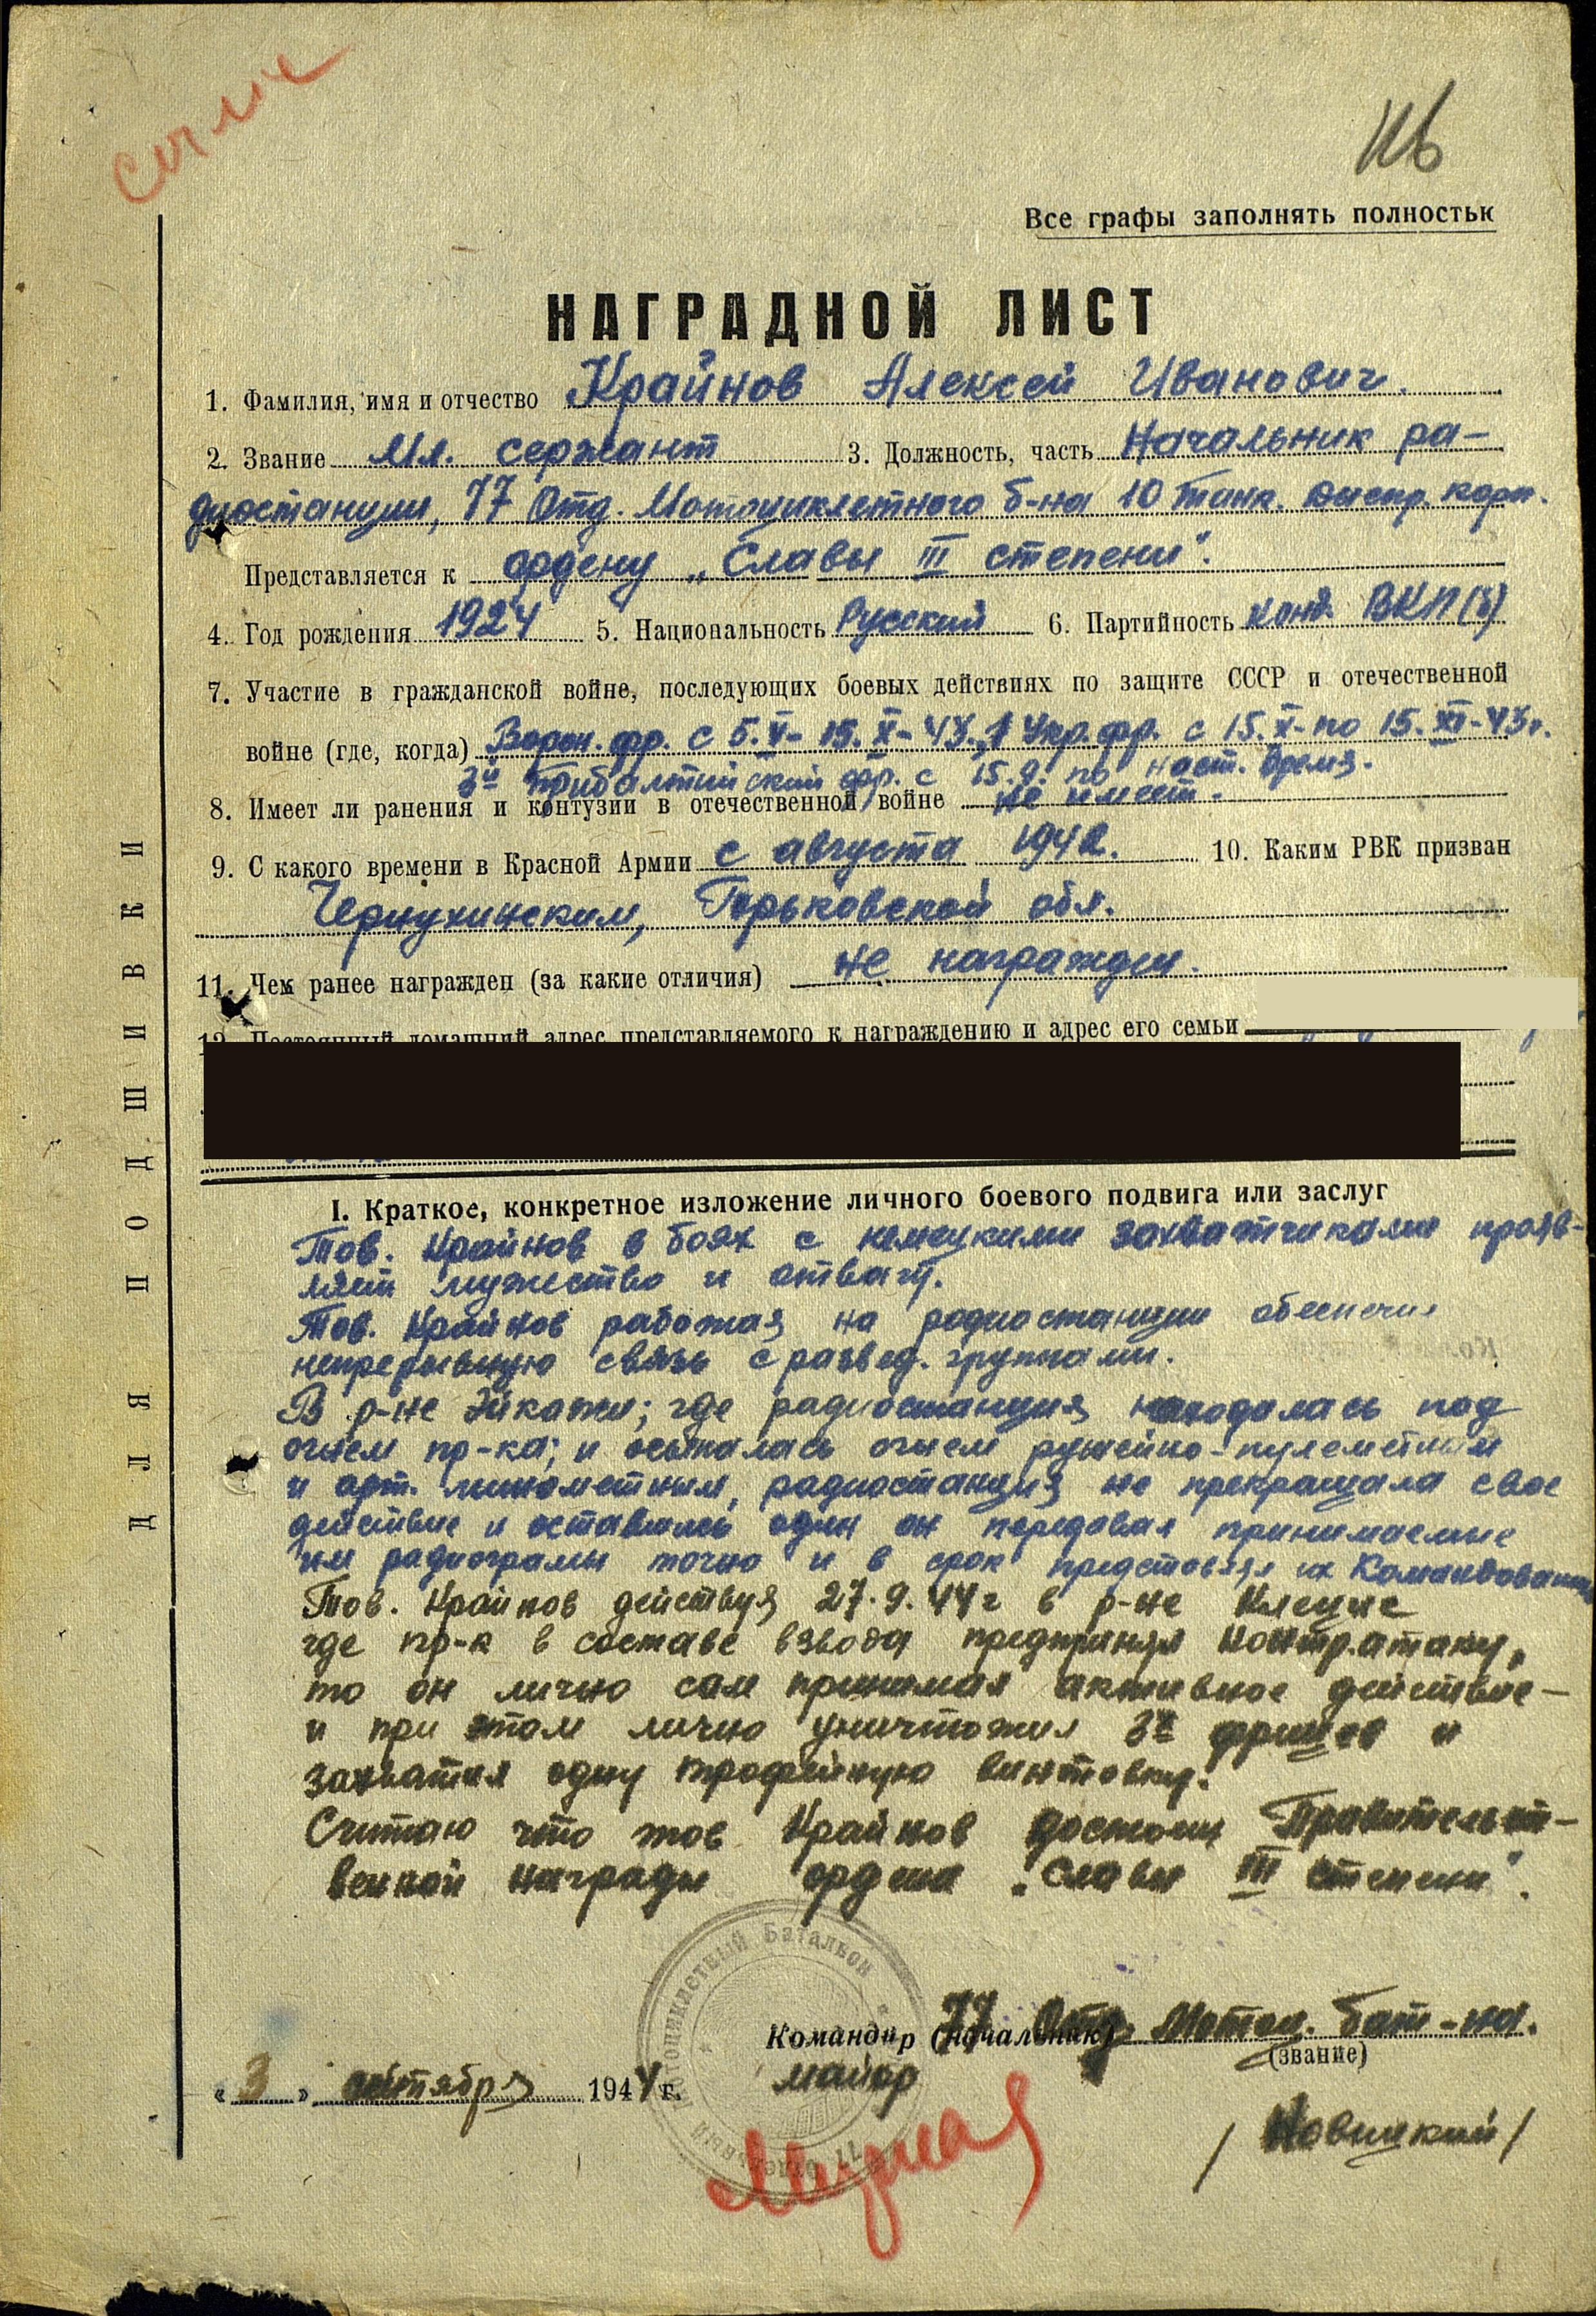 Наградной лист Крайнова Алексея Ивановича к медали за боевые заслуги